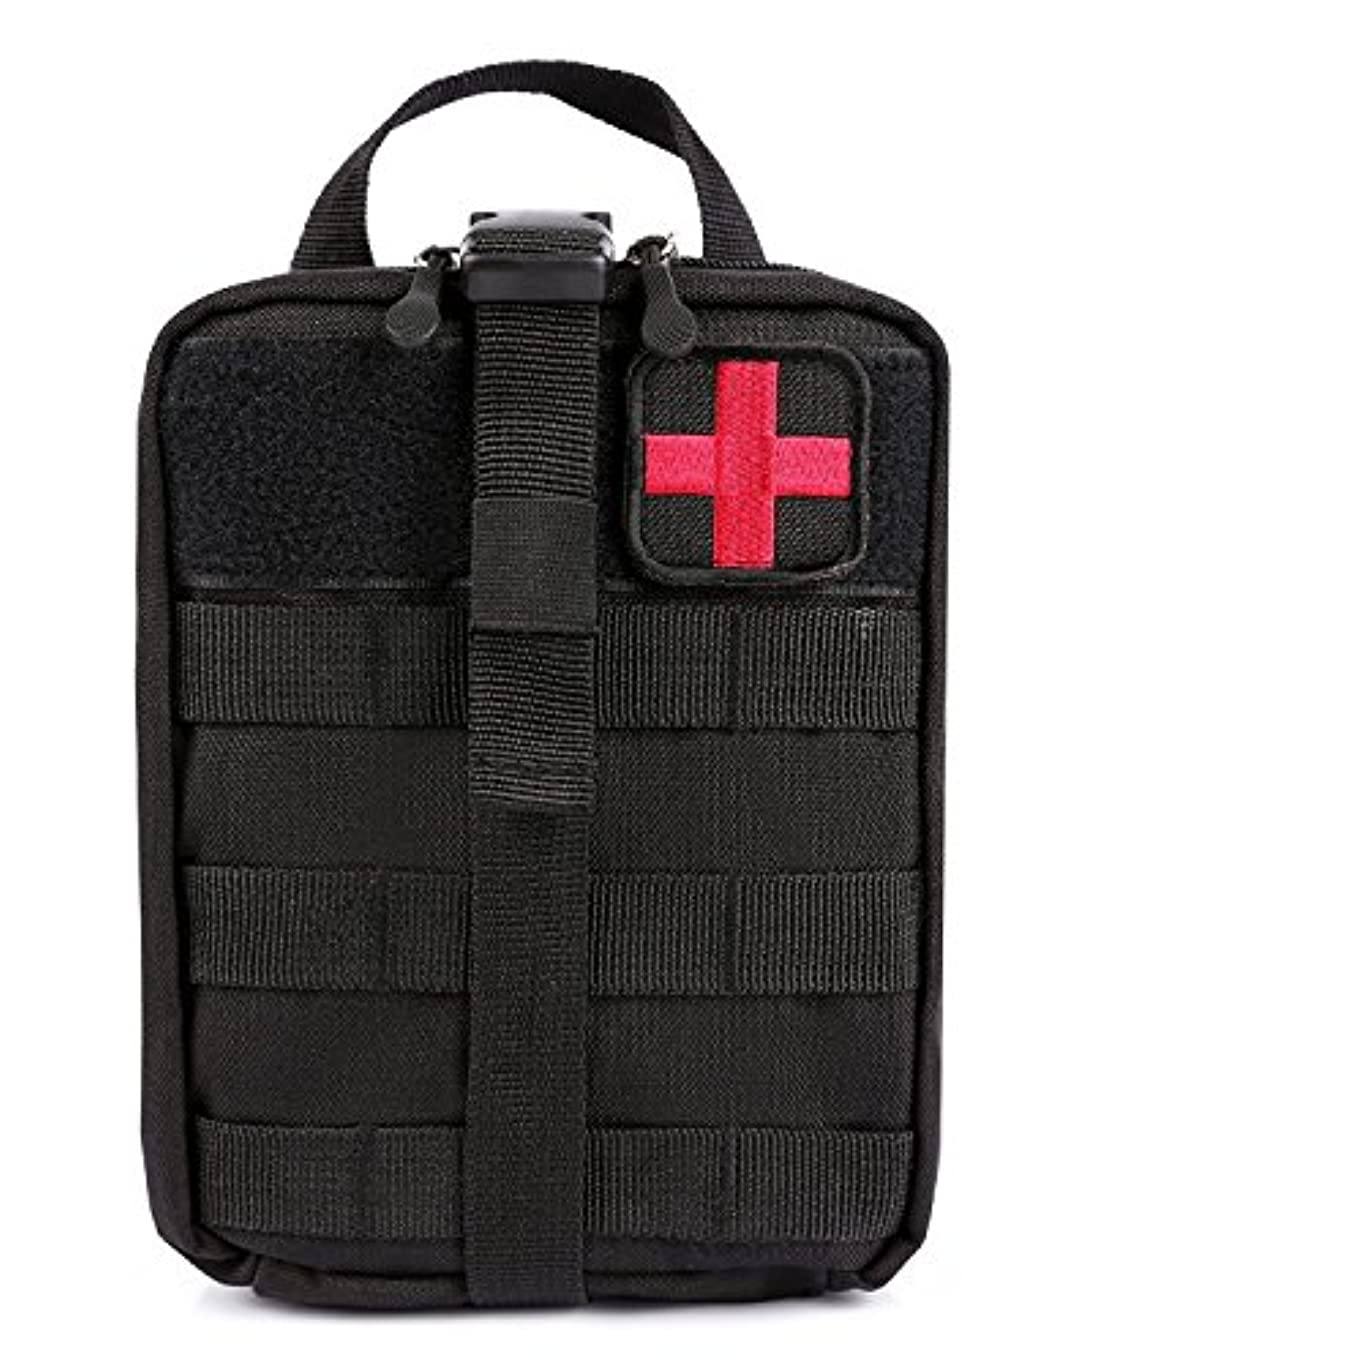 滅びる同種のかどうかMosie 医療ポーチ - 戦術MOLLEイパックEMTユーティリティバッグ、応急処置パッチとせん断リップアウェイ医療応急処置キットユーティリティバッグ1000Dナイロン